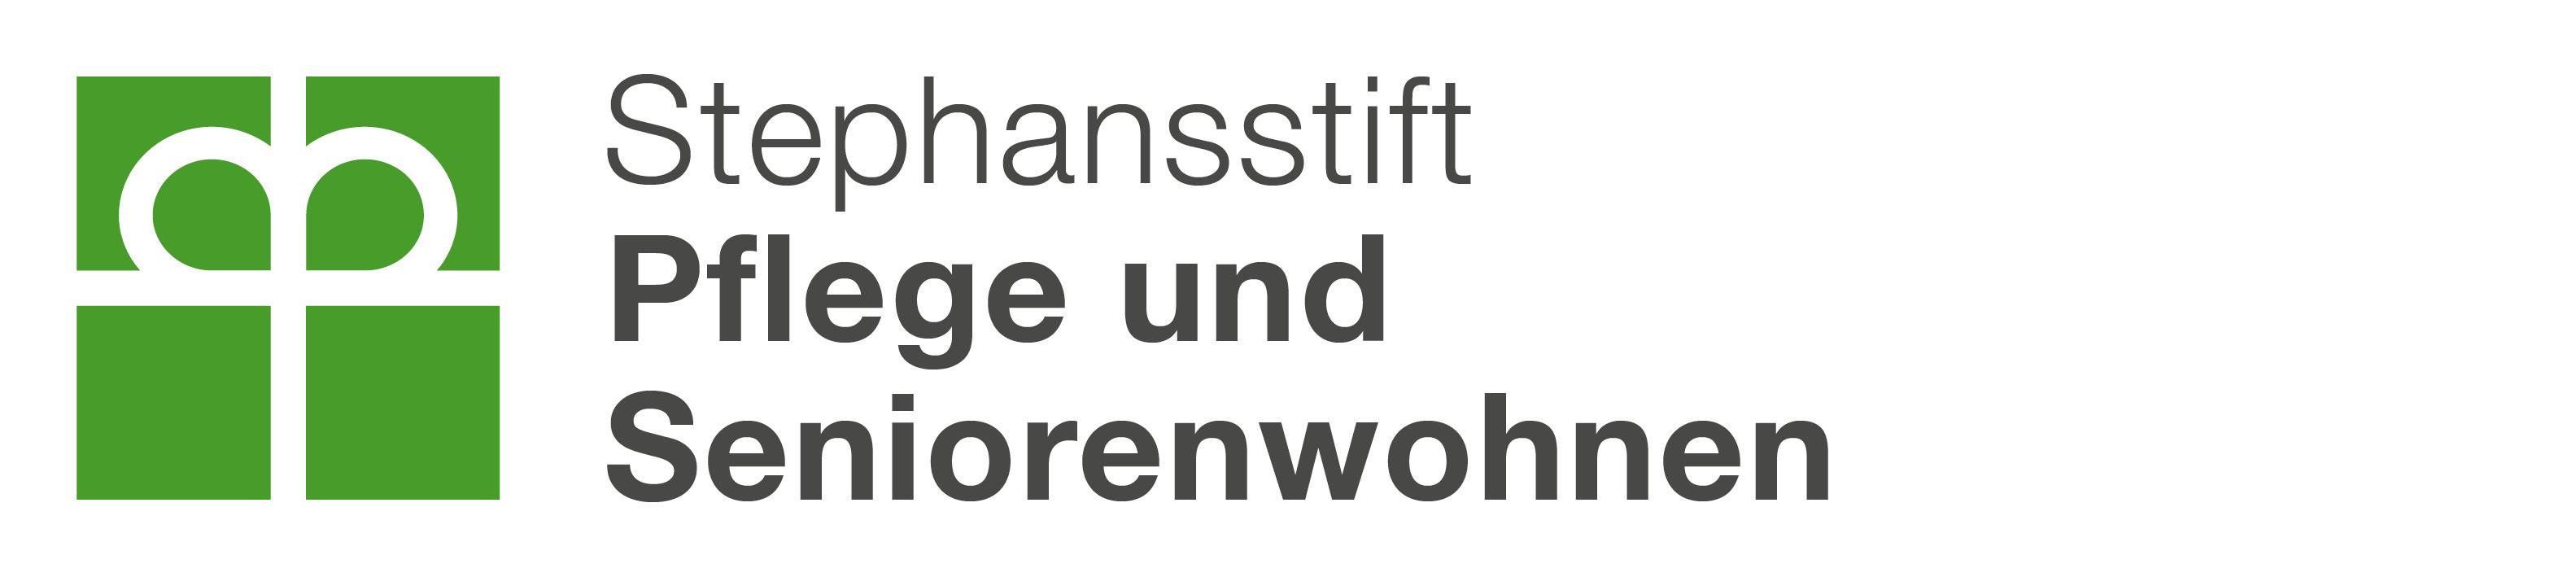 Logo: Stephansstift Pflege und Seniorenwohnen gGmbH